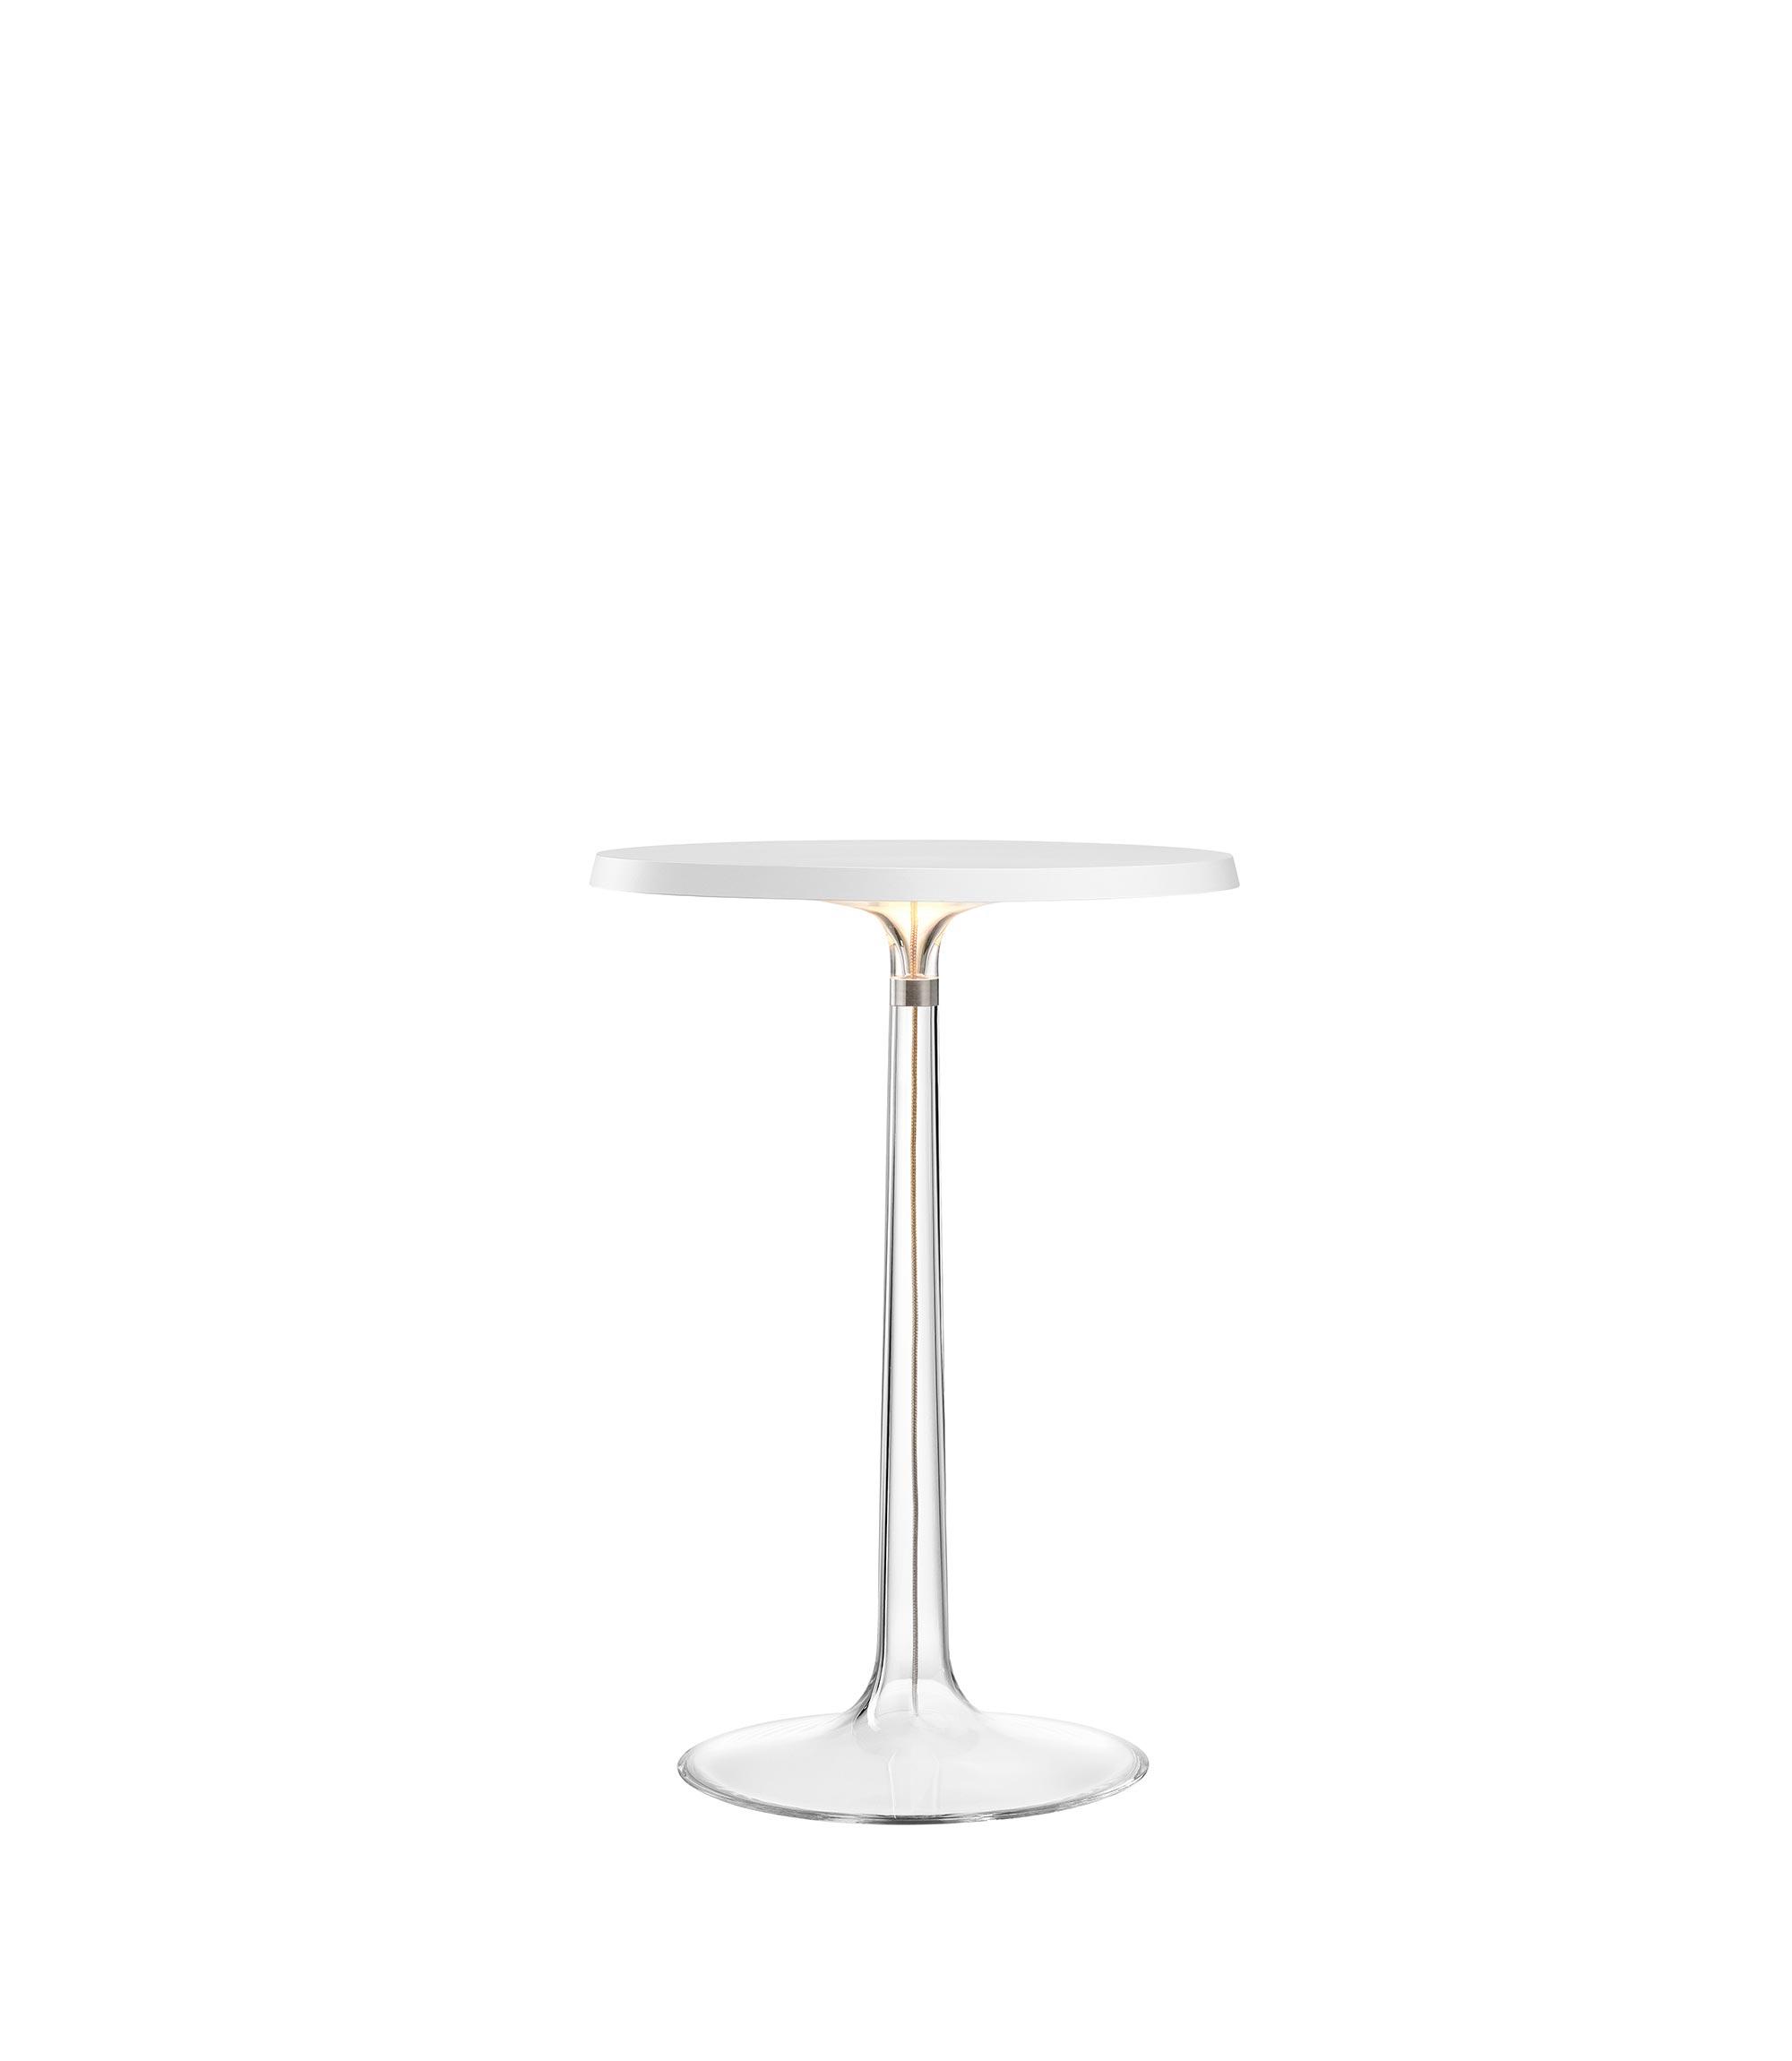 lampe de table bonjour flos